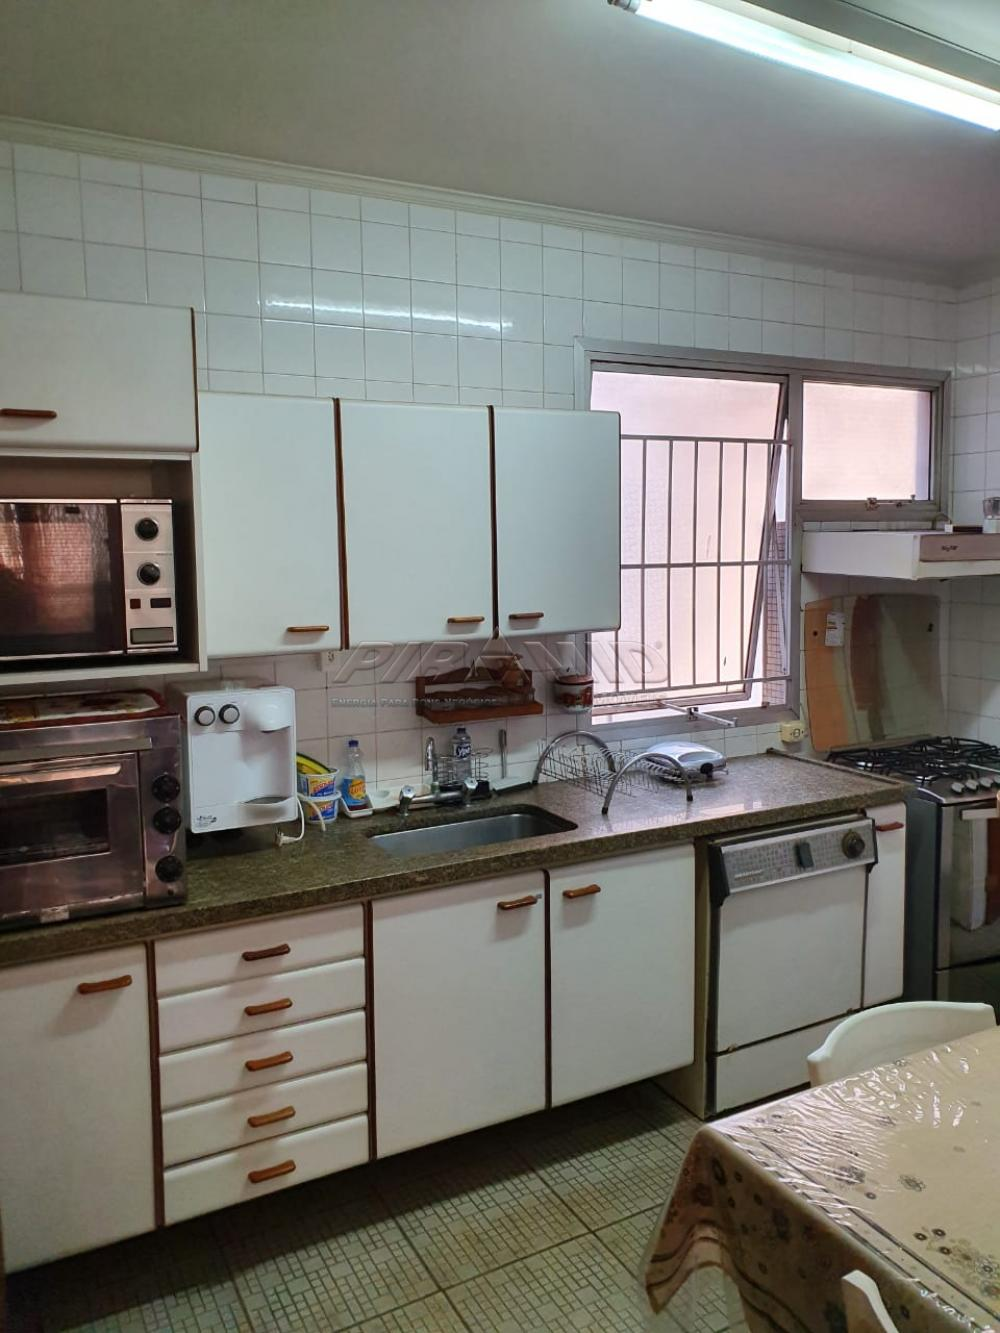 Comprar Apartamento / Padrão em Ribeirão Preto apenas R$ 330.000,00 - Foto 9